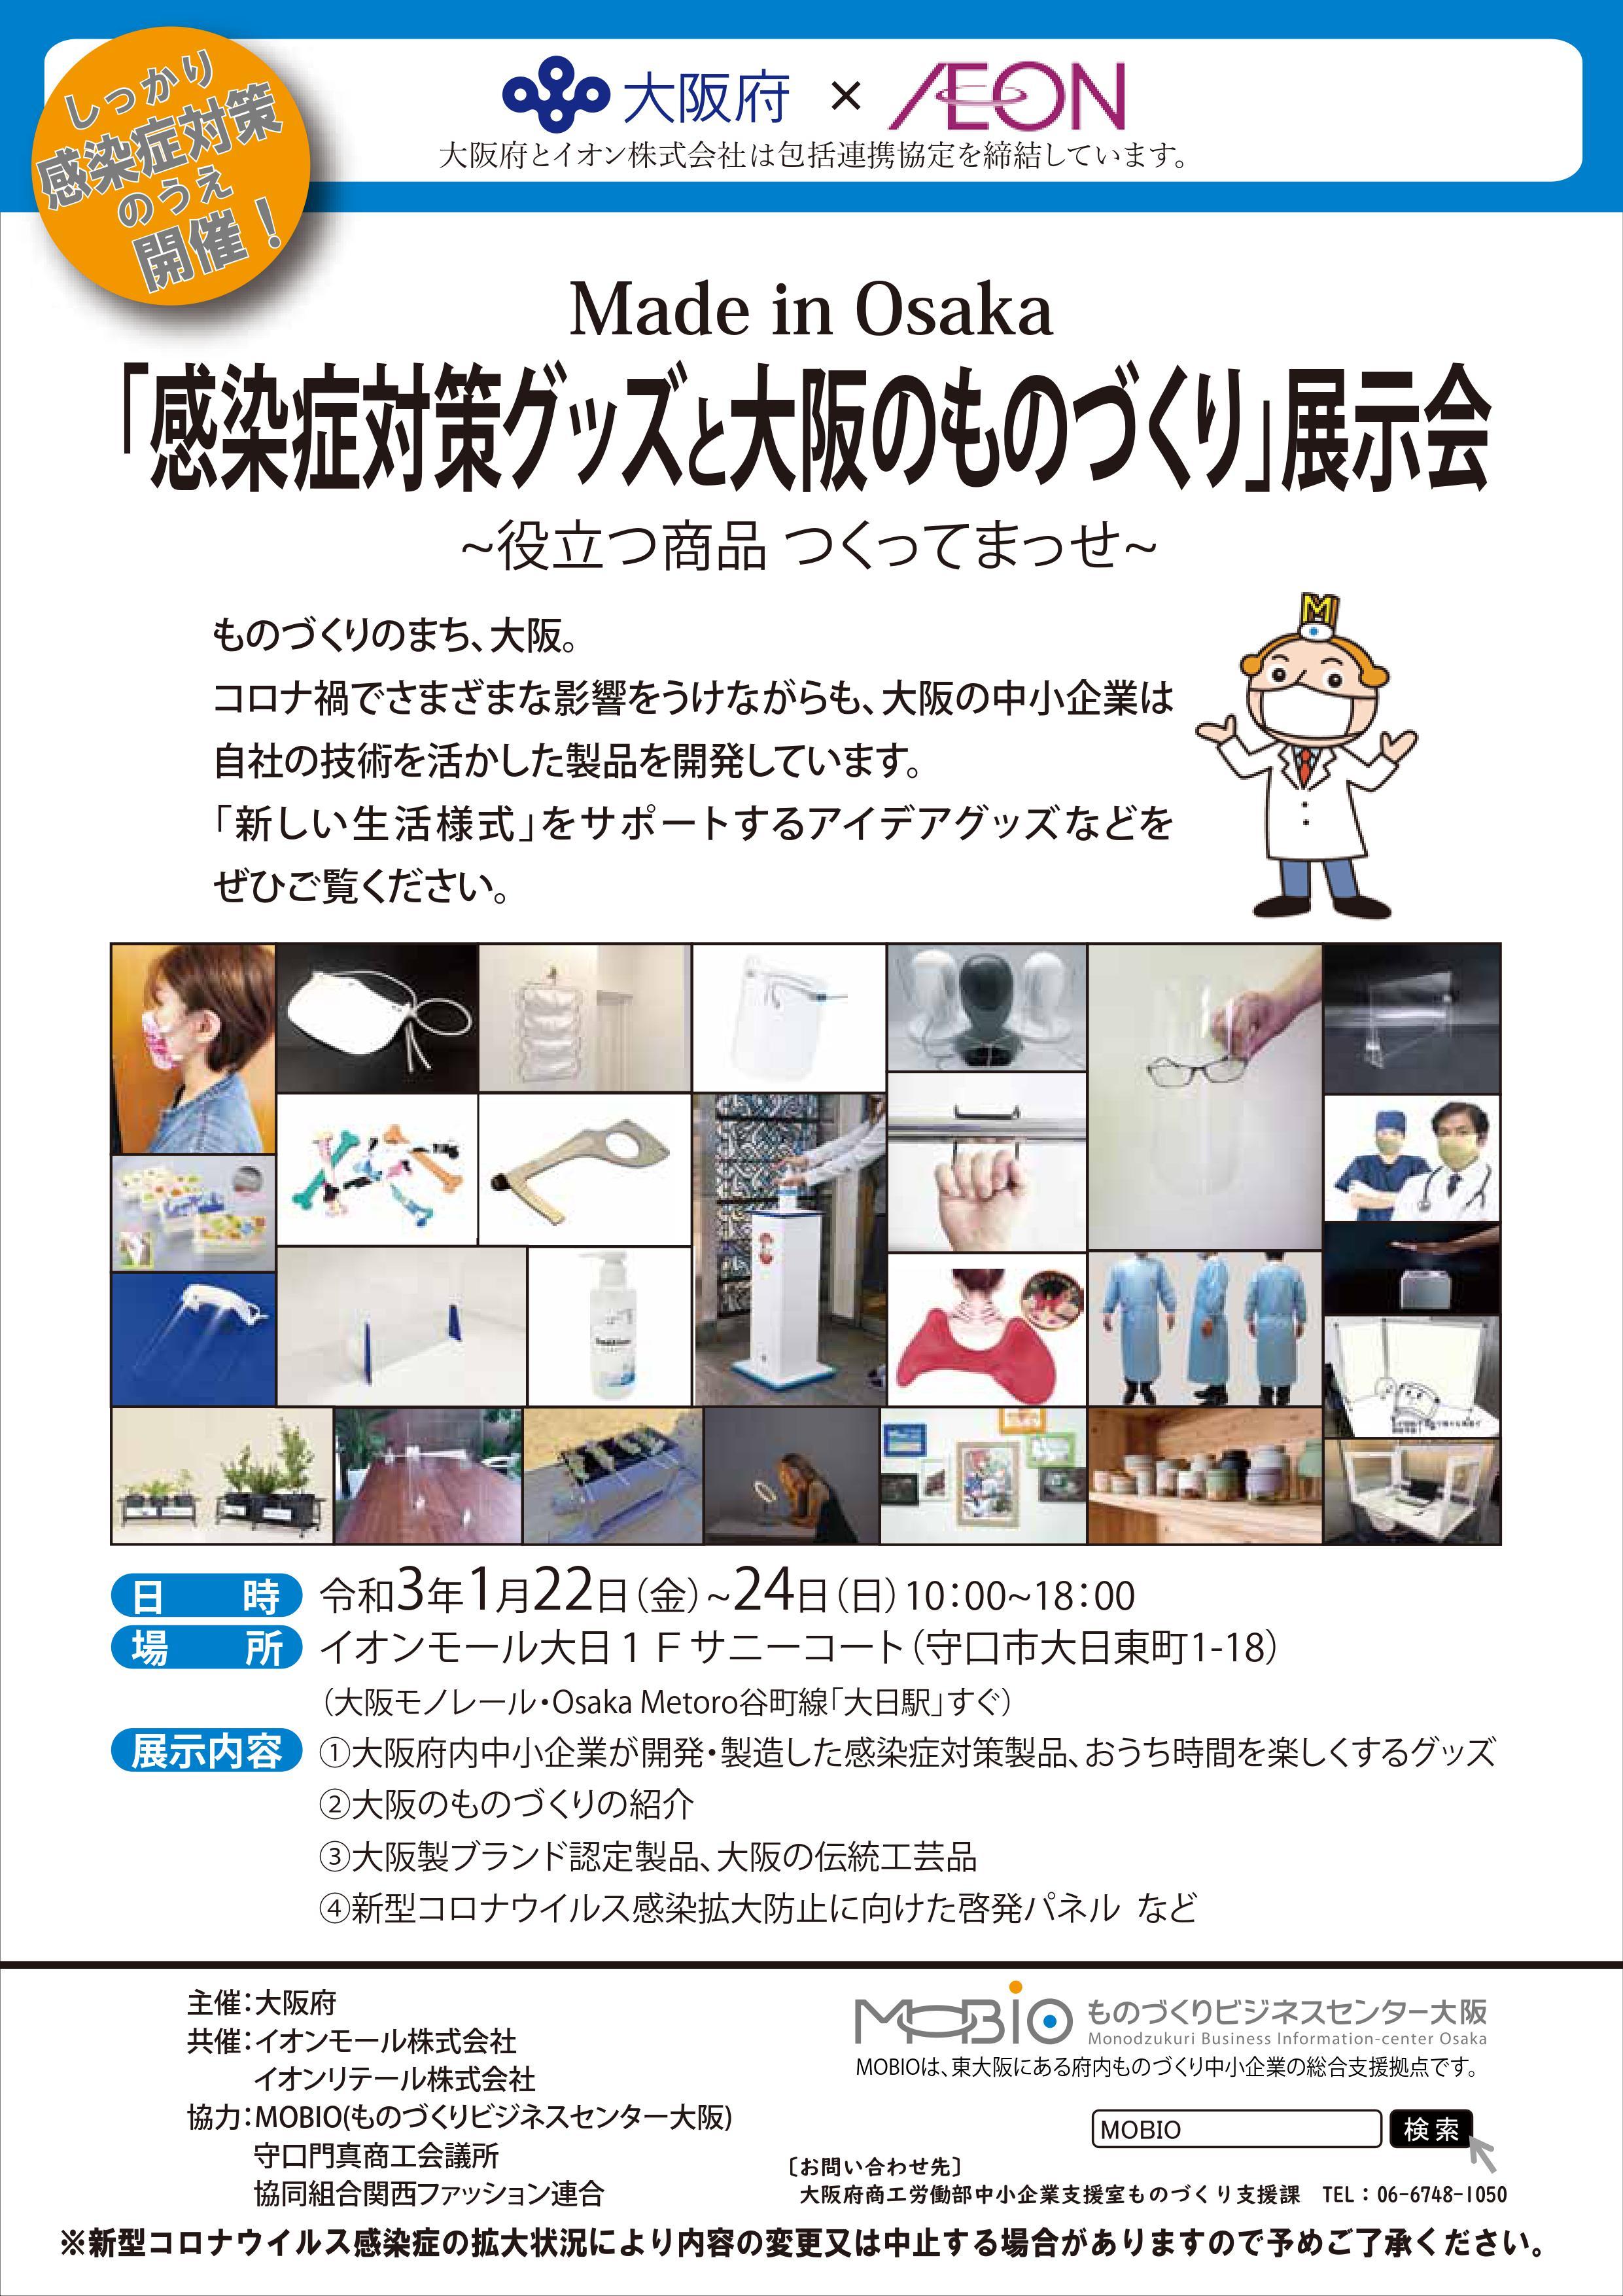 【お知らせ】イオンモール大日にてTISPY2展示